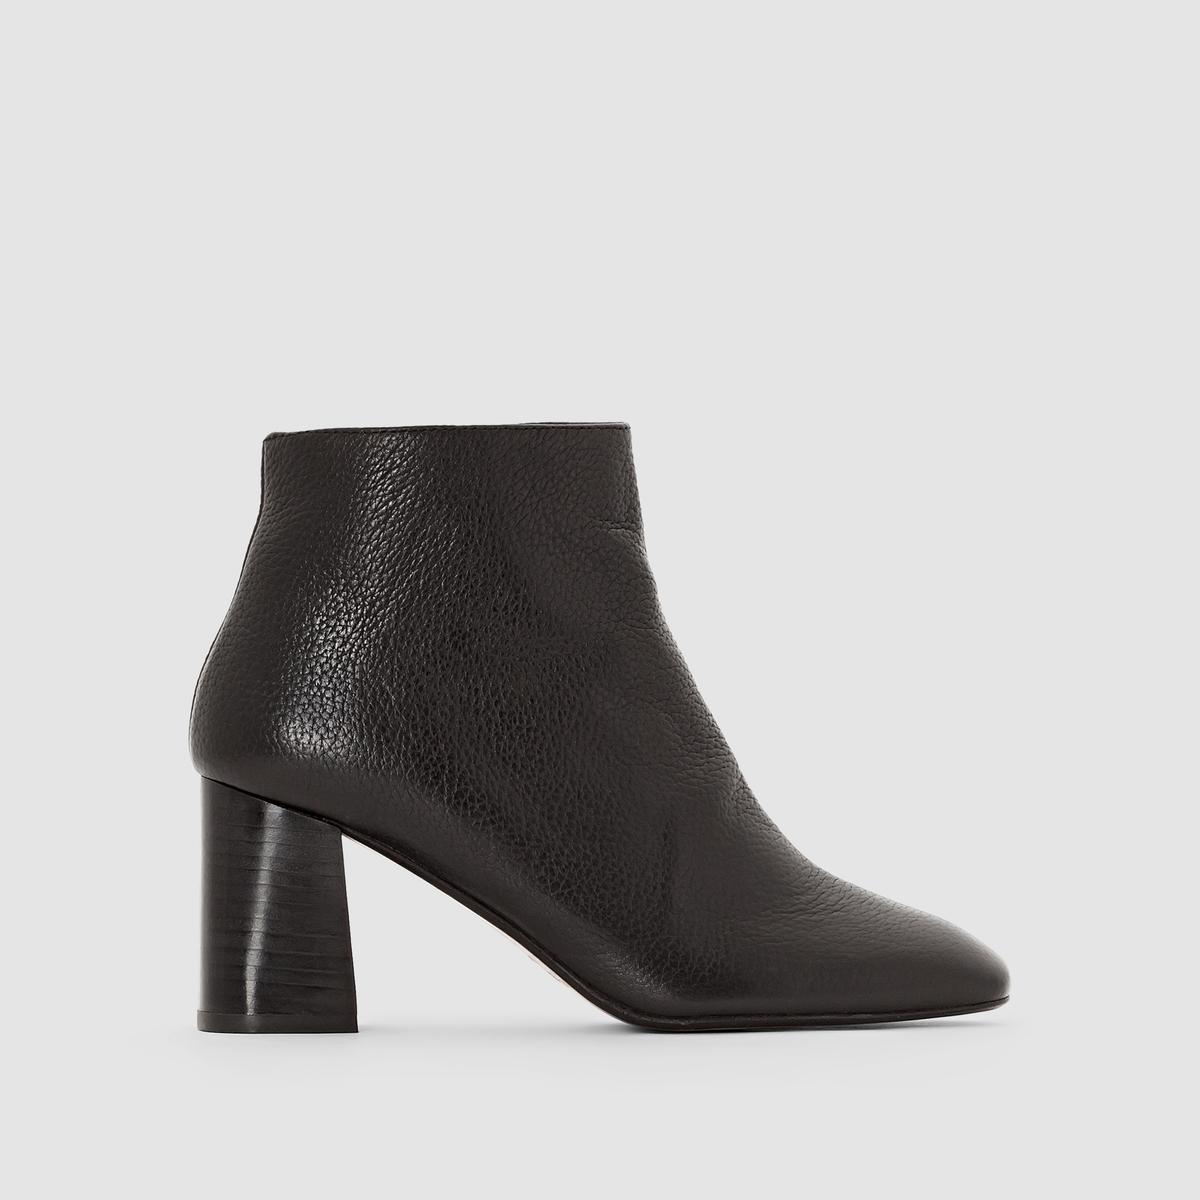 купить Ботильоны кожаные на высоком каблуке Daly дешево